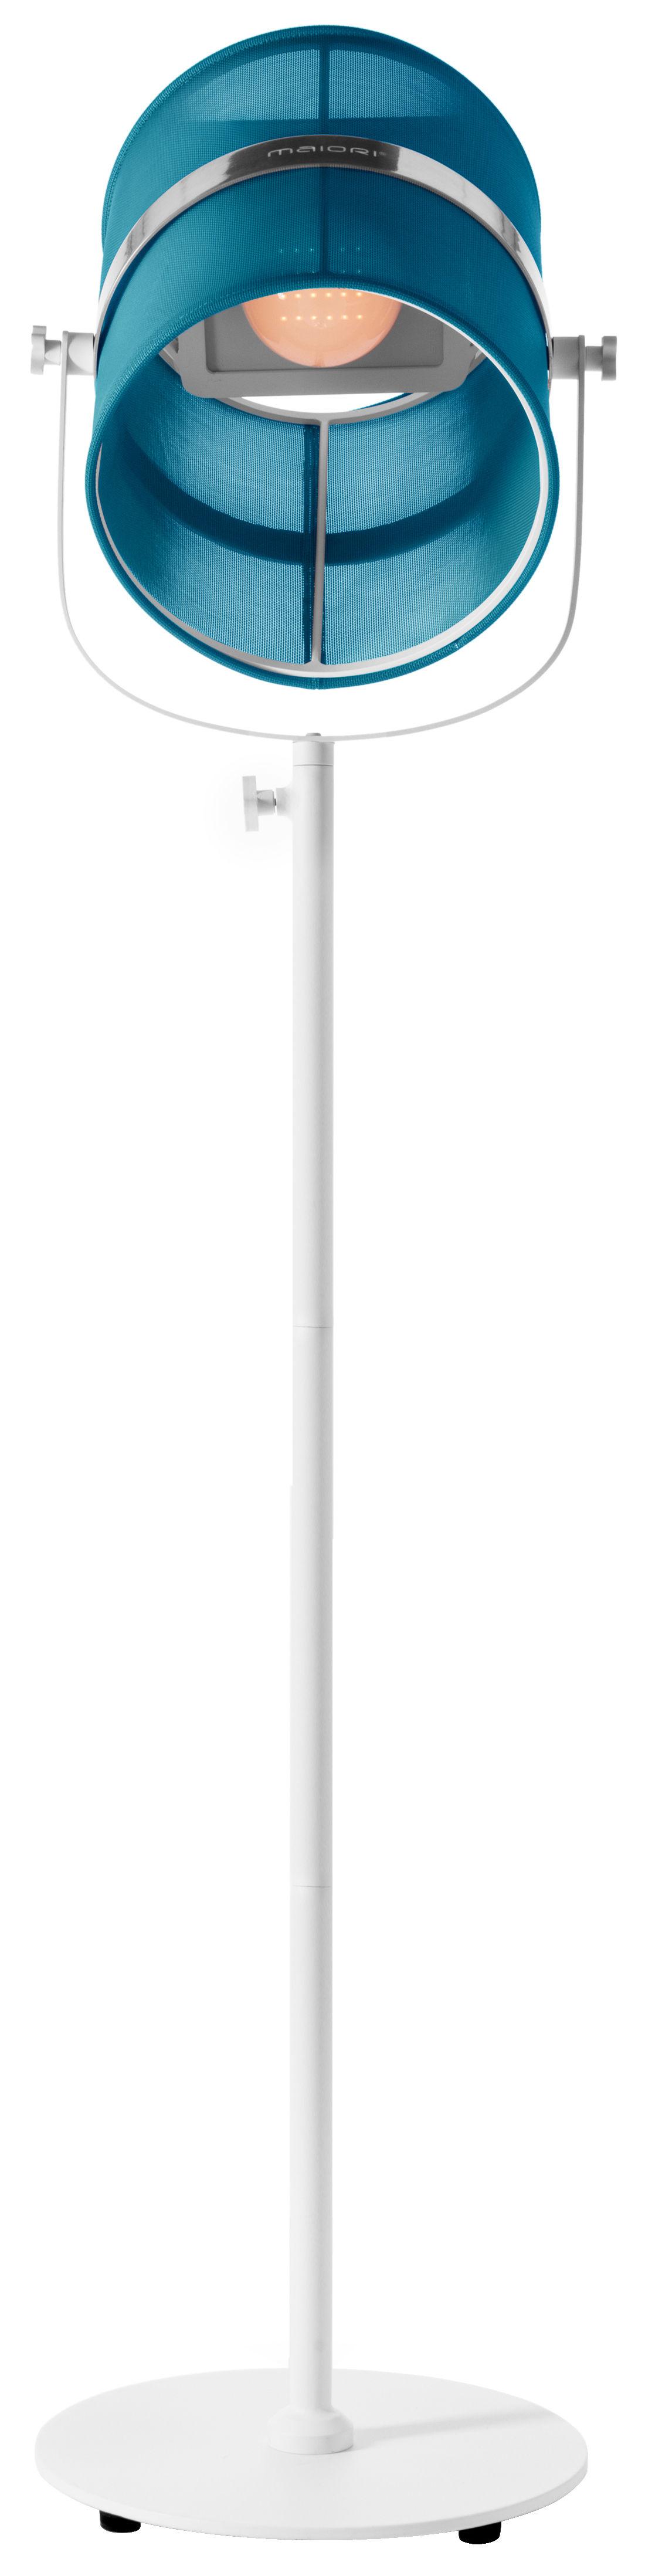 Luminaire - Lampadaires - Lampadaire solaire La Lampe Paris LED / Sans fil - Dock USB - Maiori - Turquoise / Pied blanc - Aluminium peint, Tissu